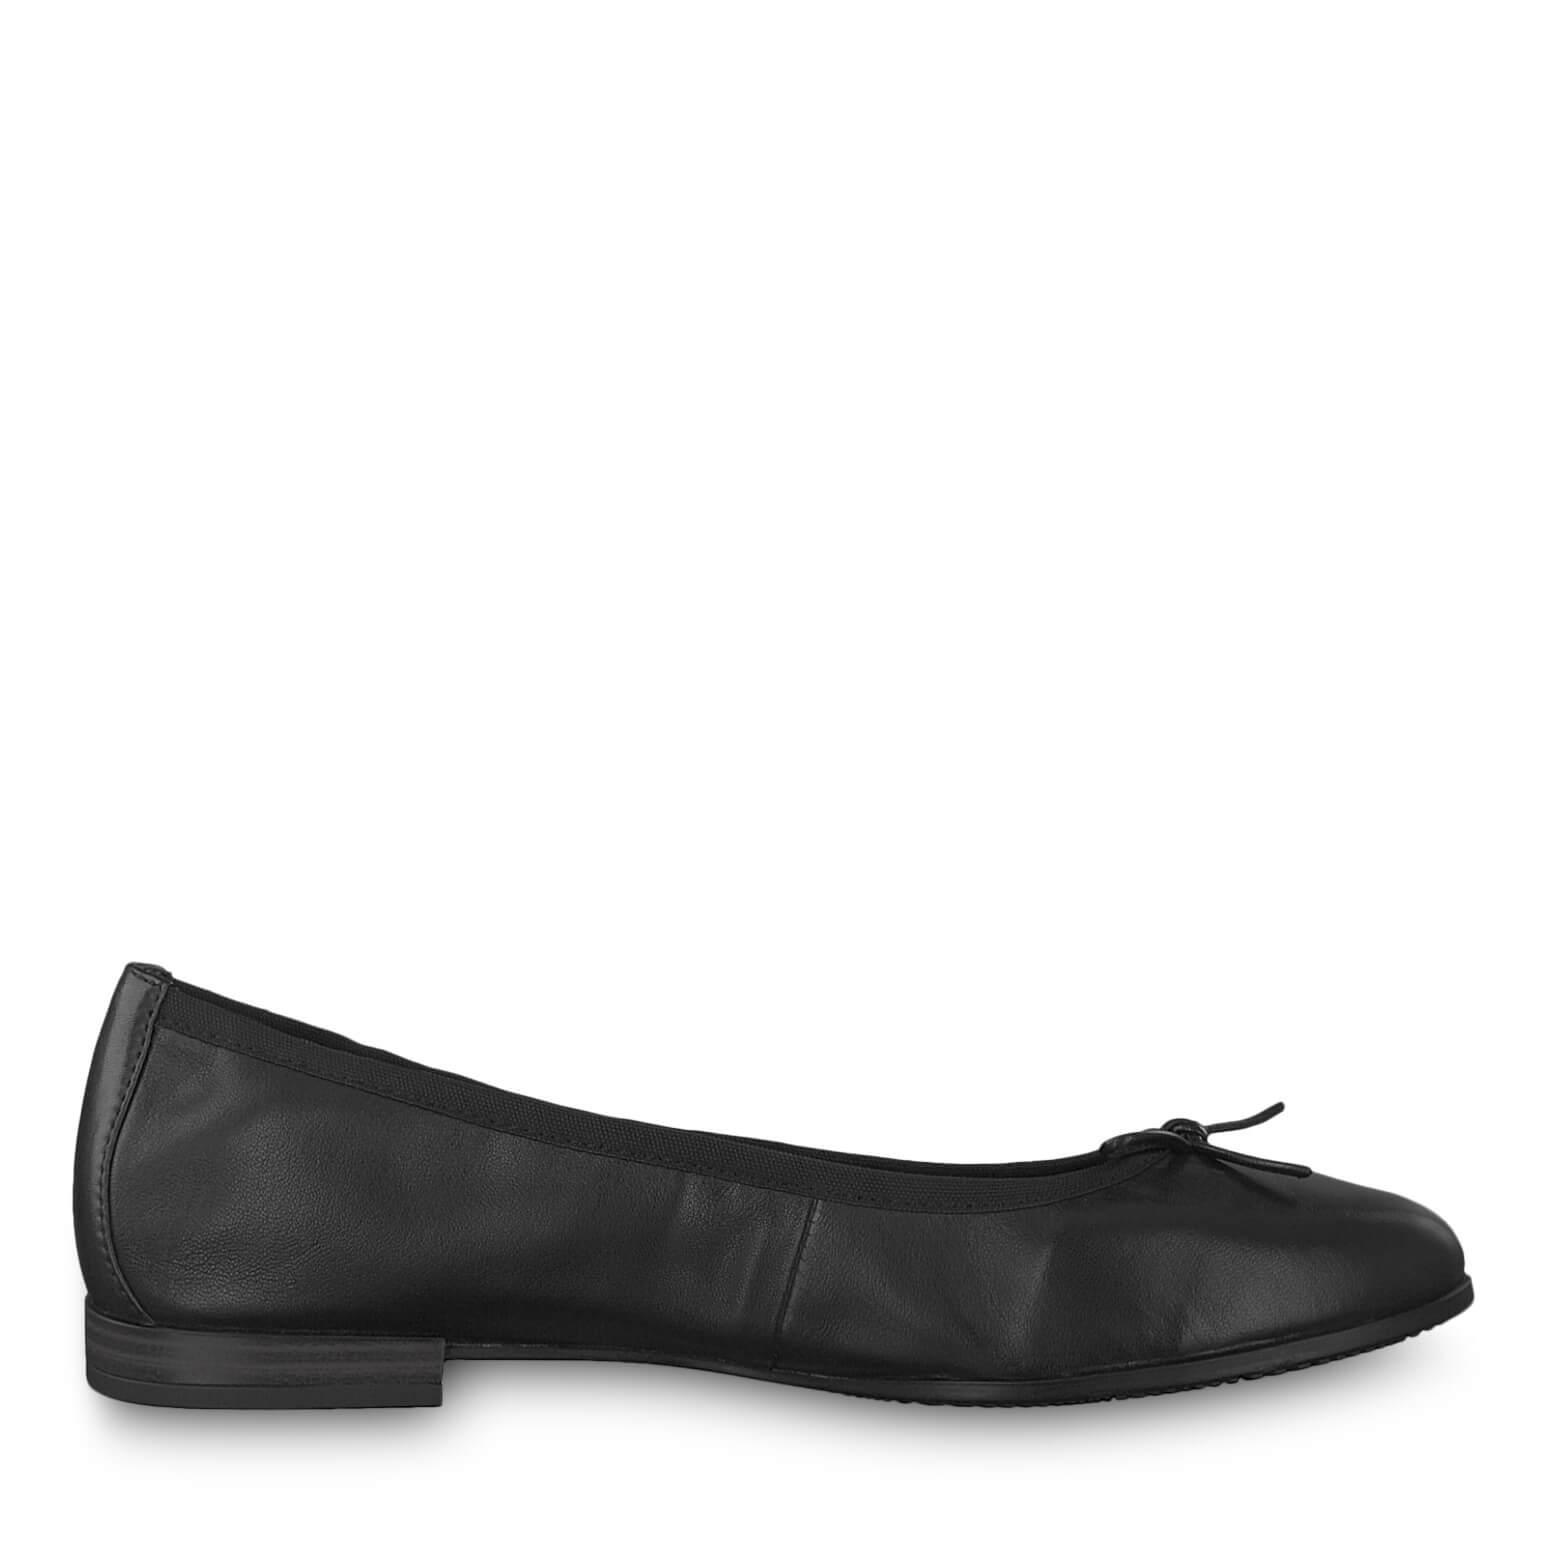 Tamaris Elegant női balerina 1-1-22116-22 -001 Black Ingyenes SZÁLLÍTÁS  1489787361